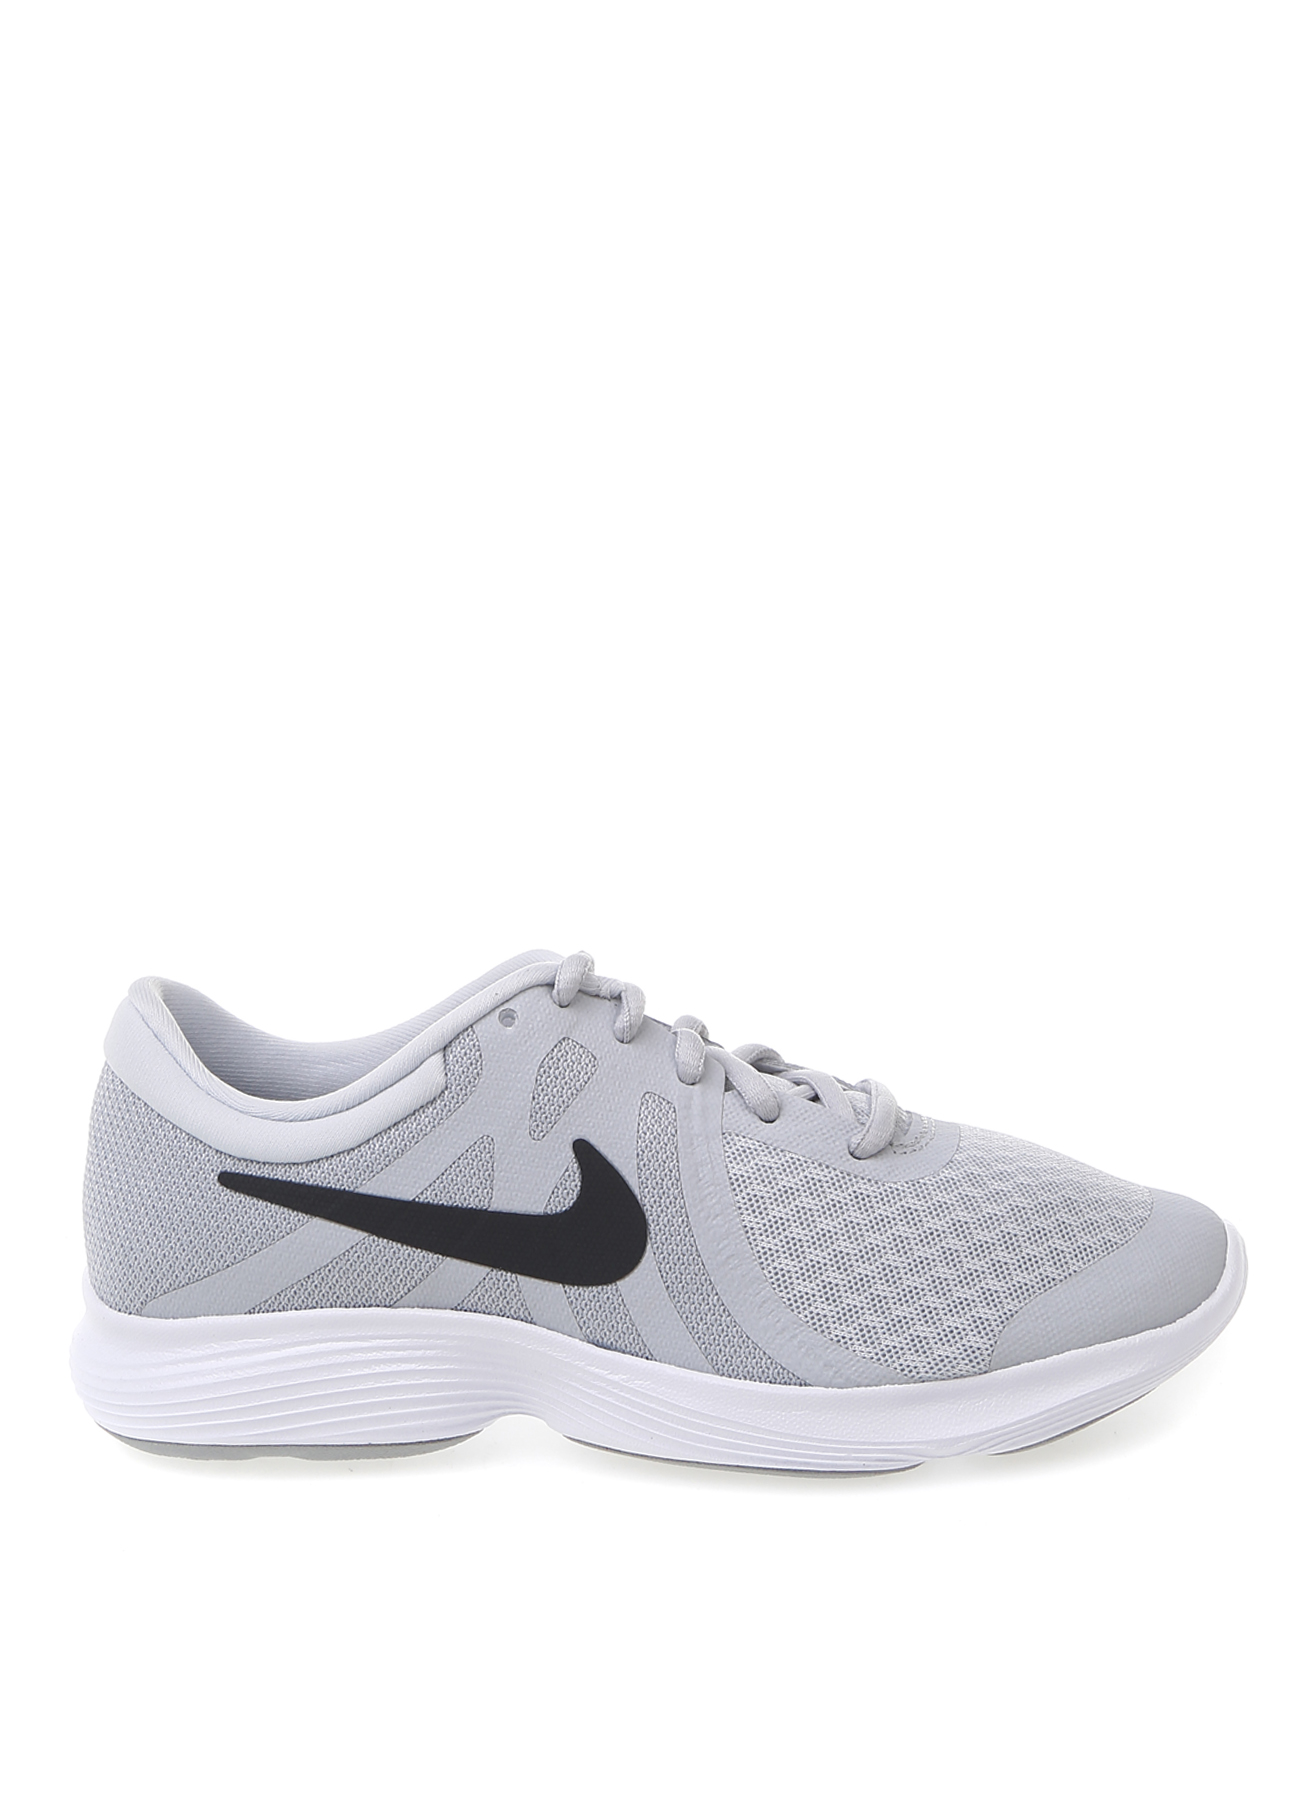 f690667a468fb 35.5 Erkek Gri Nike Yürüyüş Ayakkabısı 5002411303004 & Çanta Çocuk  Ayakkabıları Koşu Antrenman